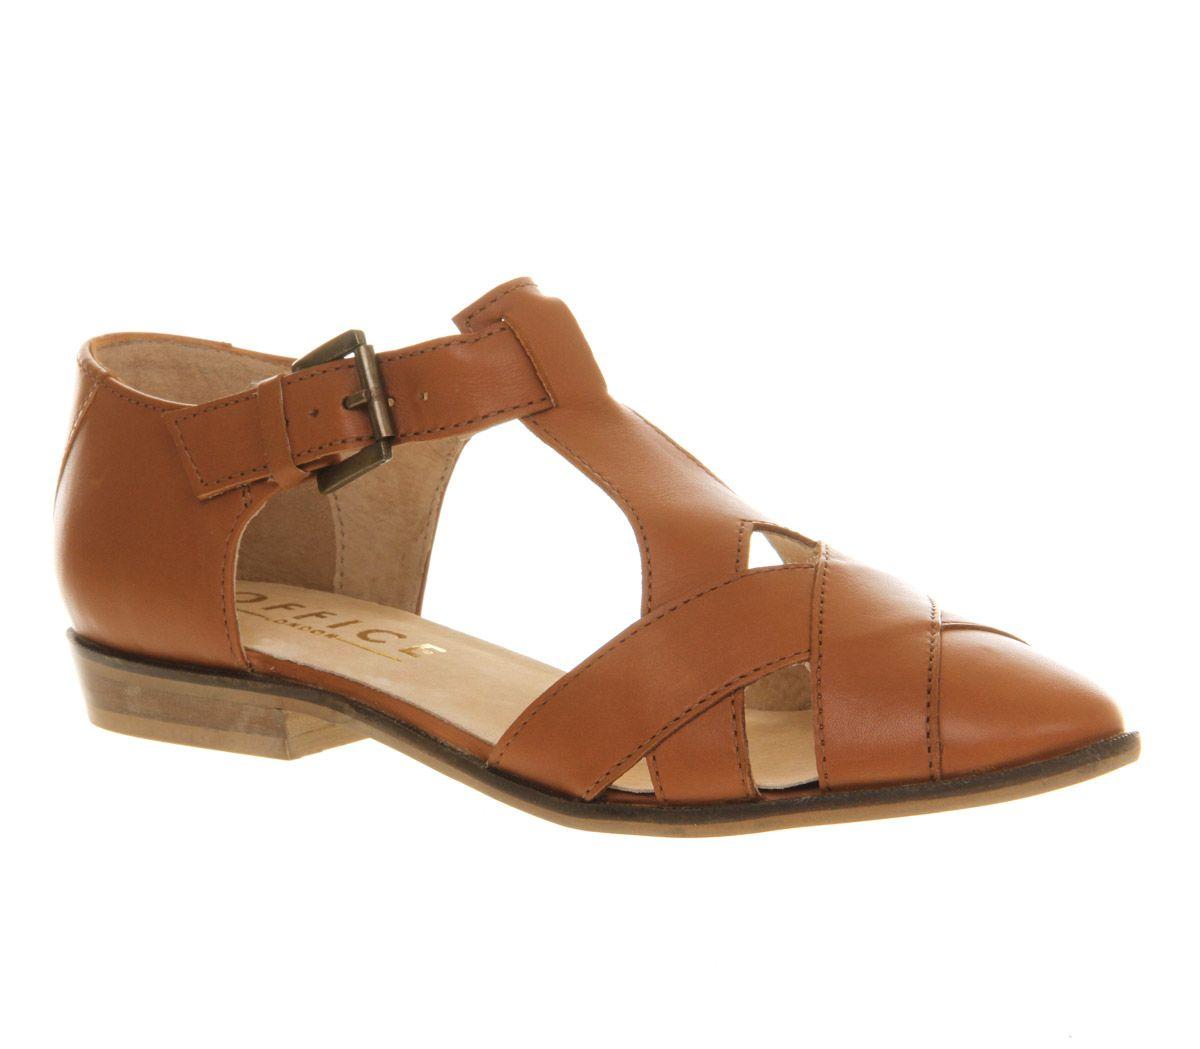 Office Kamper Flat Weave Shoe Tan Leather - Flats